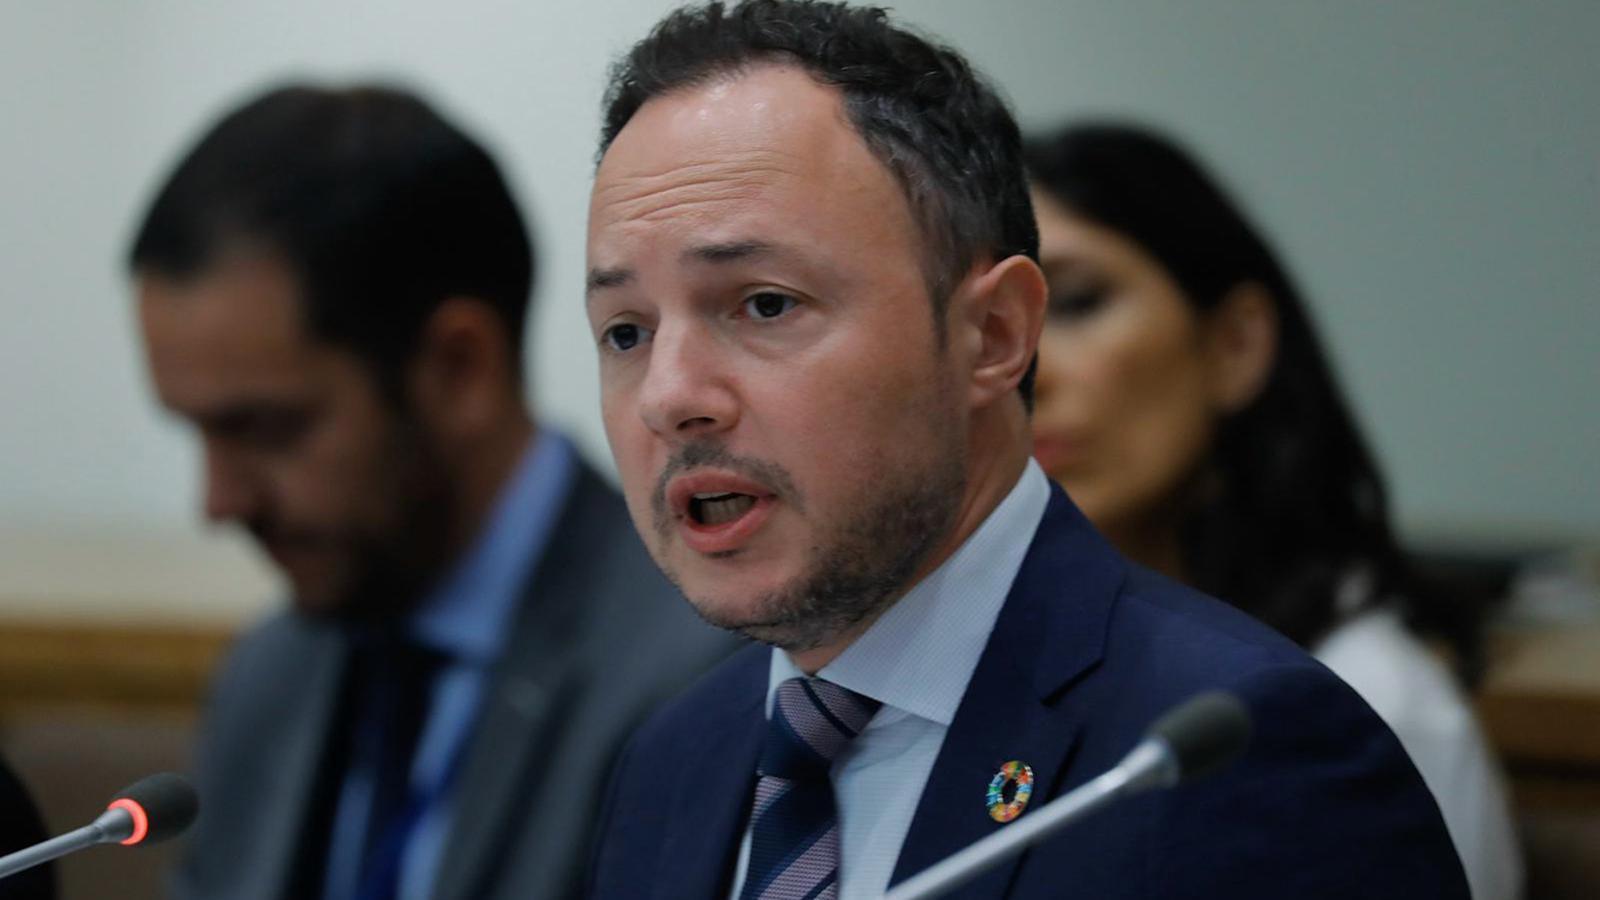 El cap de Govern, Xavier Espot, durant la seva intervenció en un del fòrums en què ha participat durant la seva estada a Nova York. / SFG